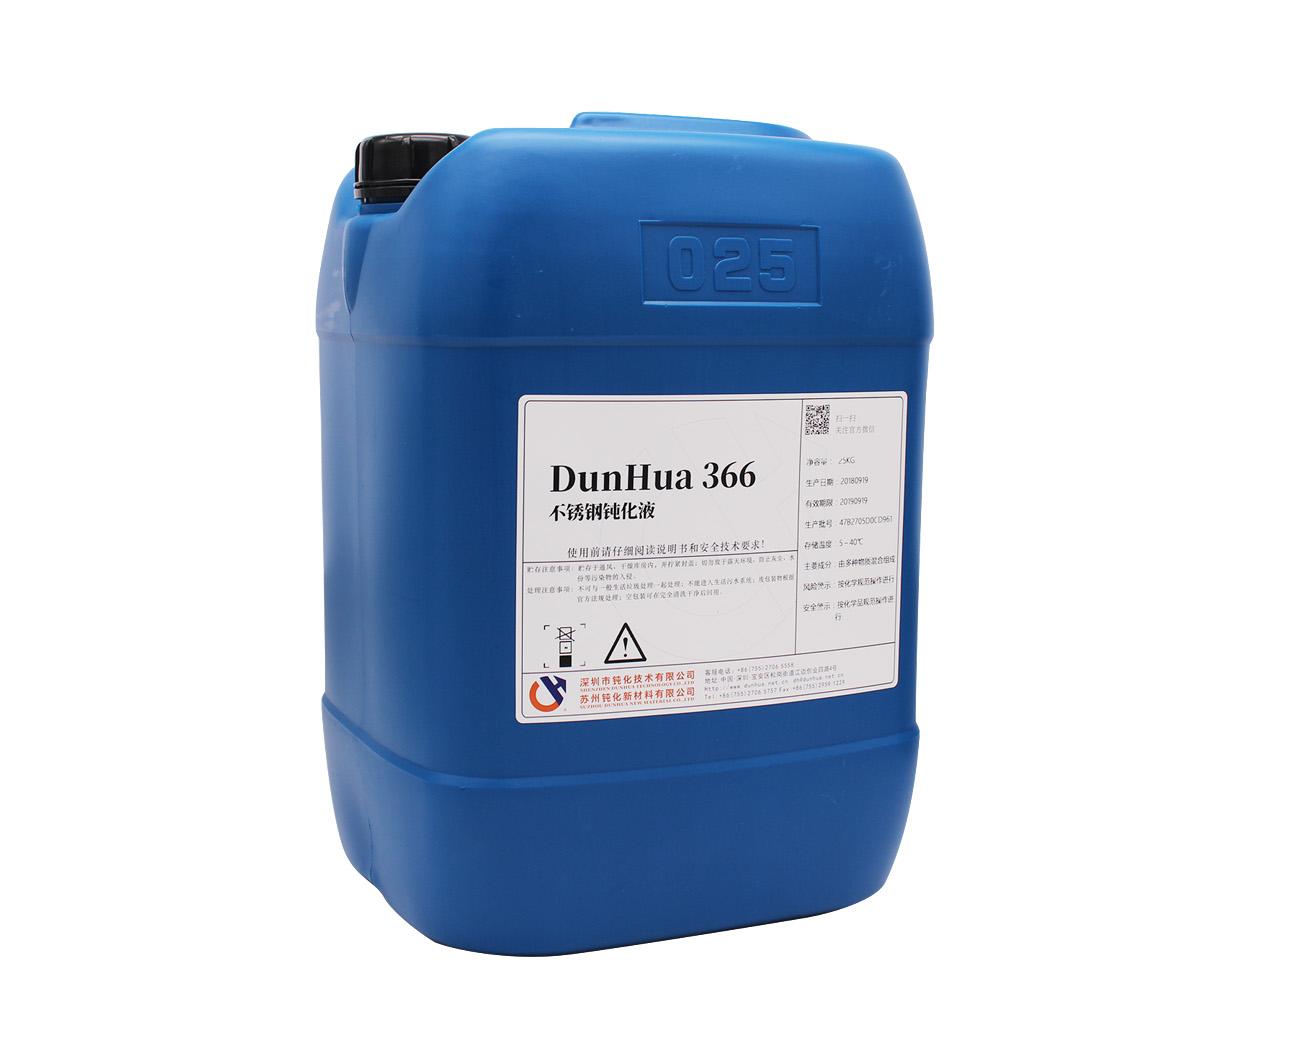 钝化液和不锈钢钝化液的区别是什么?